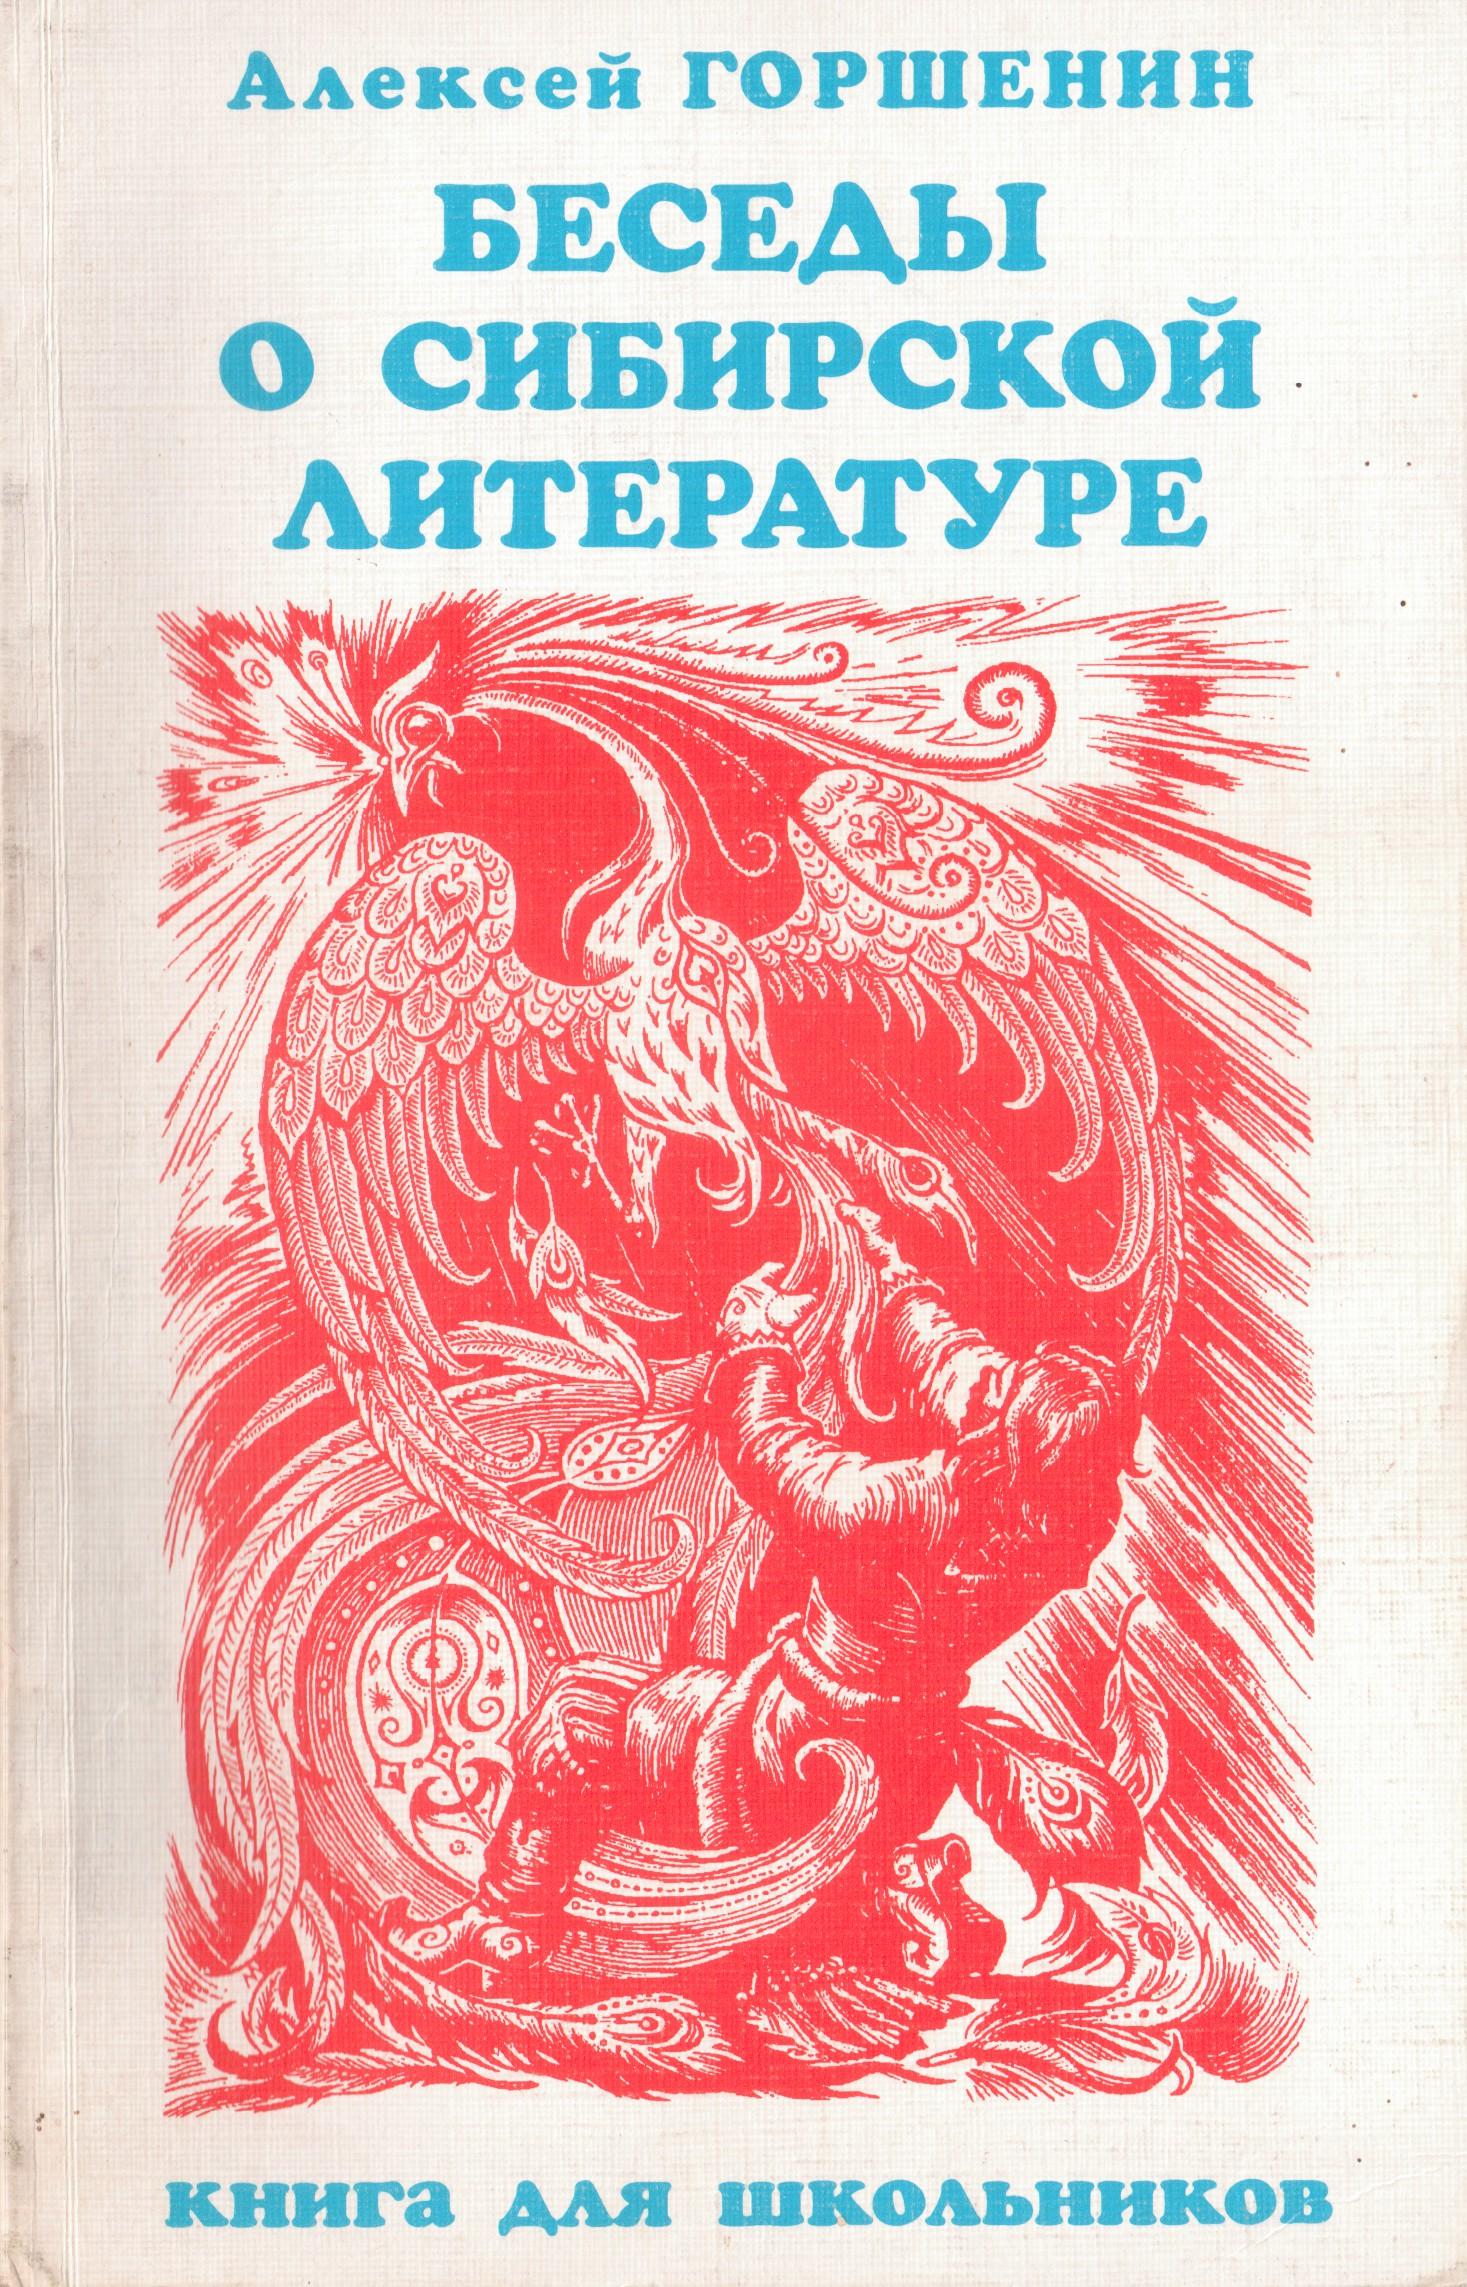 А. Горшенин - Беседы о сибирской литературе